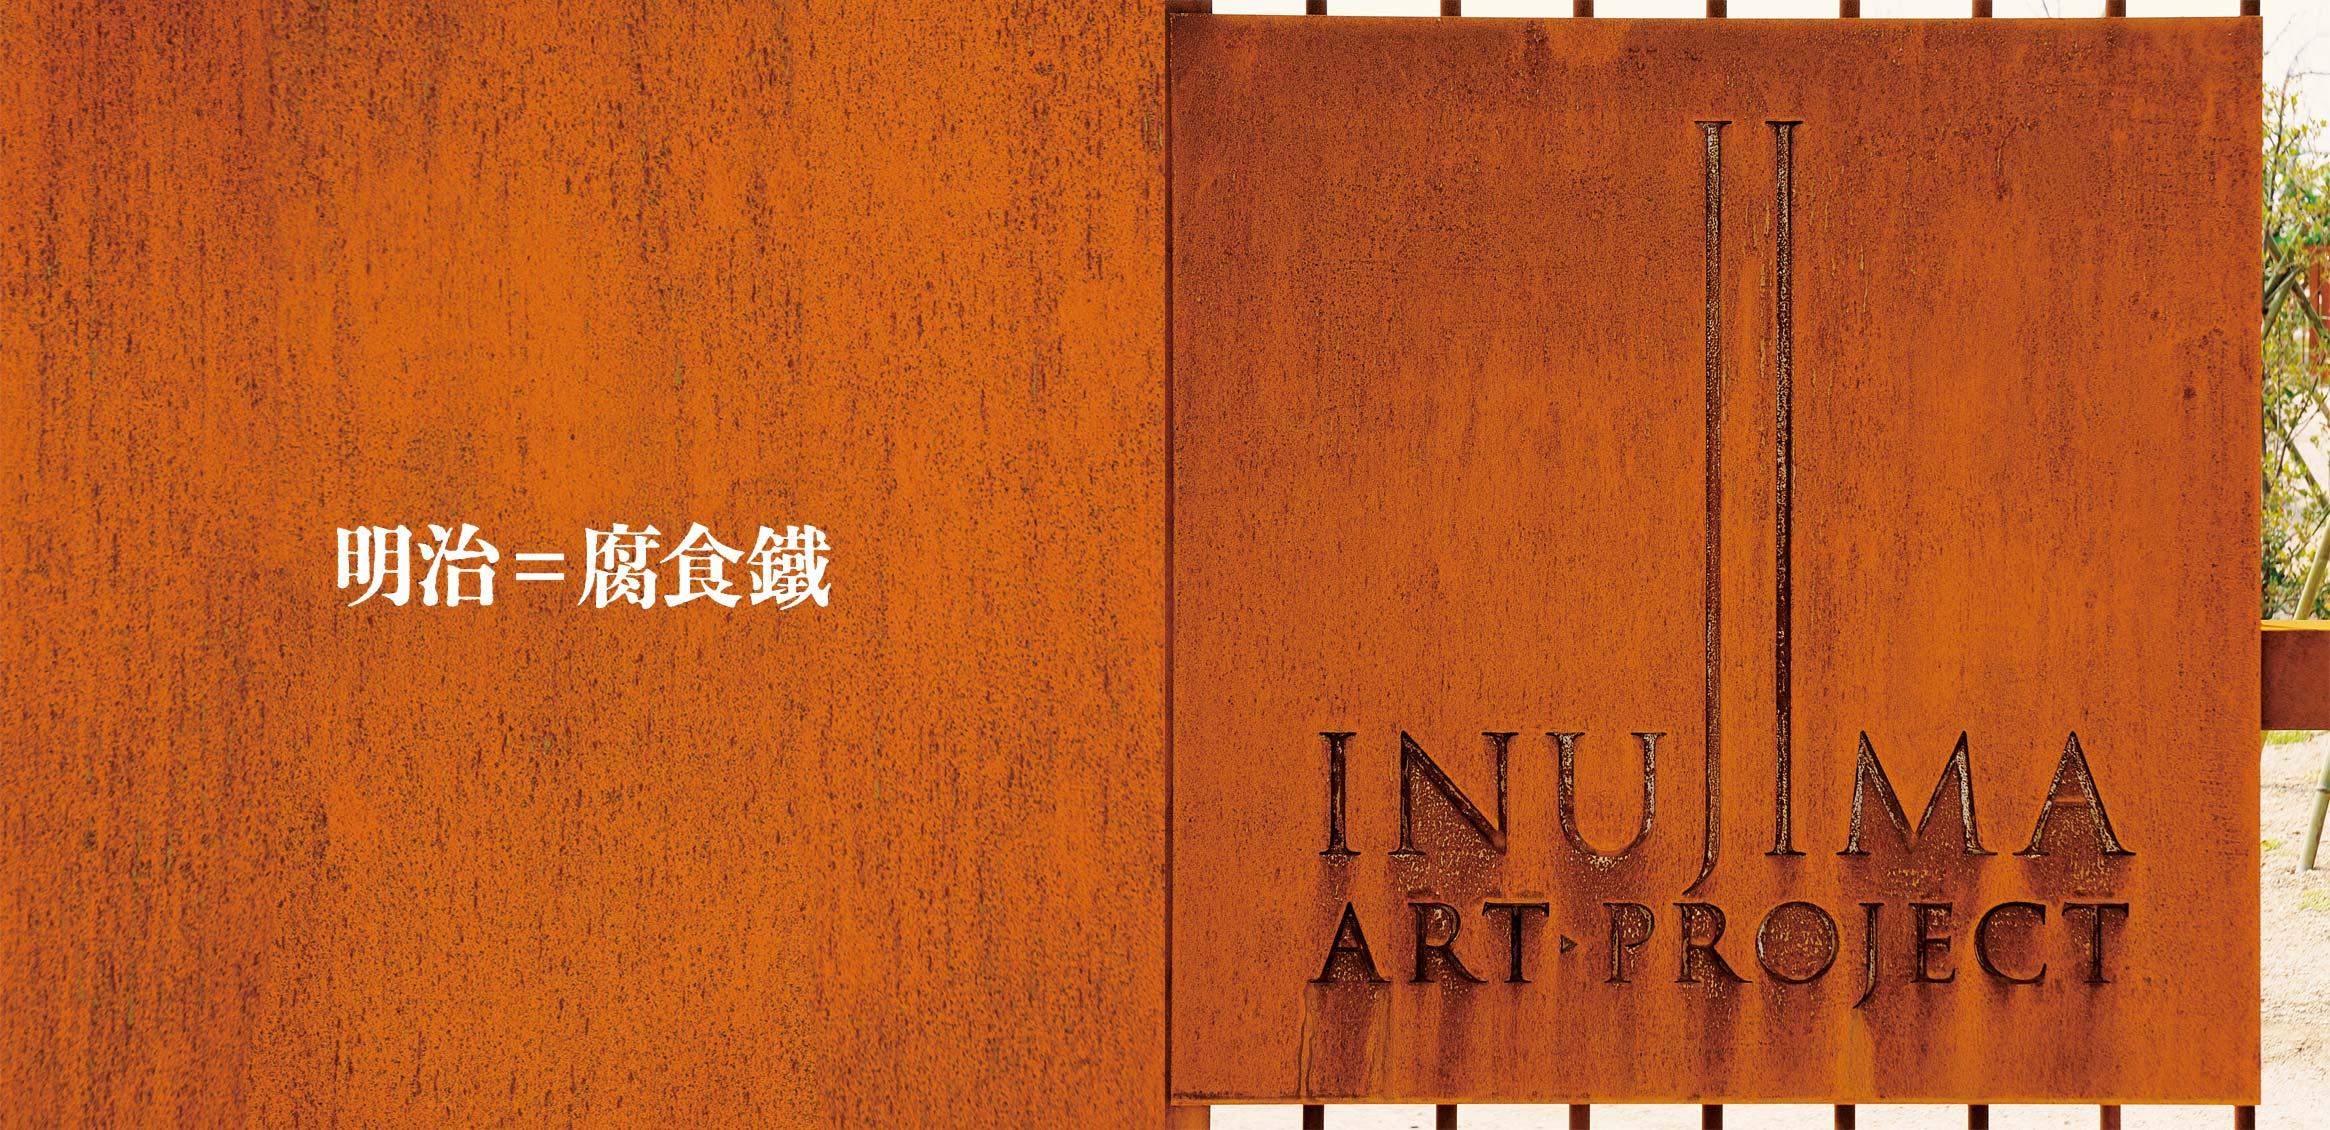 犬島アートプロジェクト サイン計画4枚目